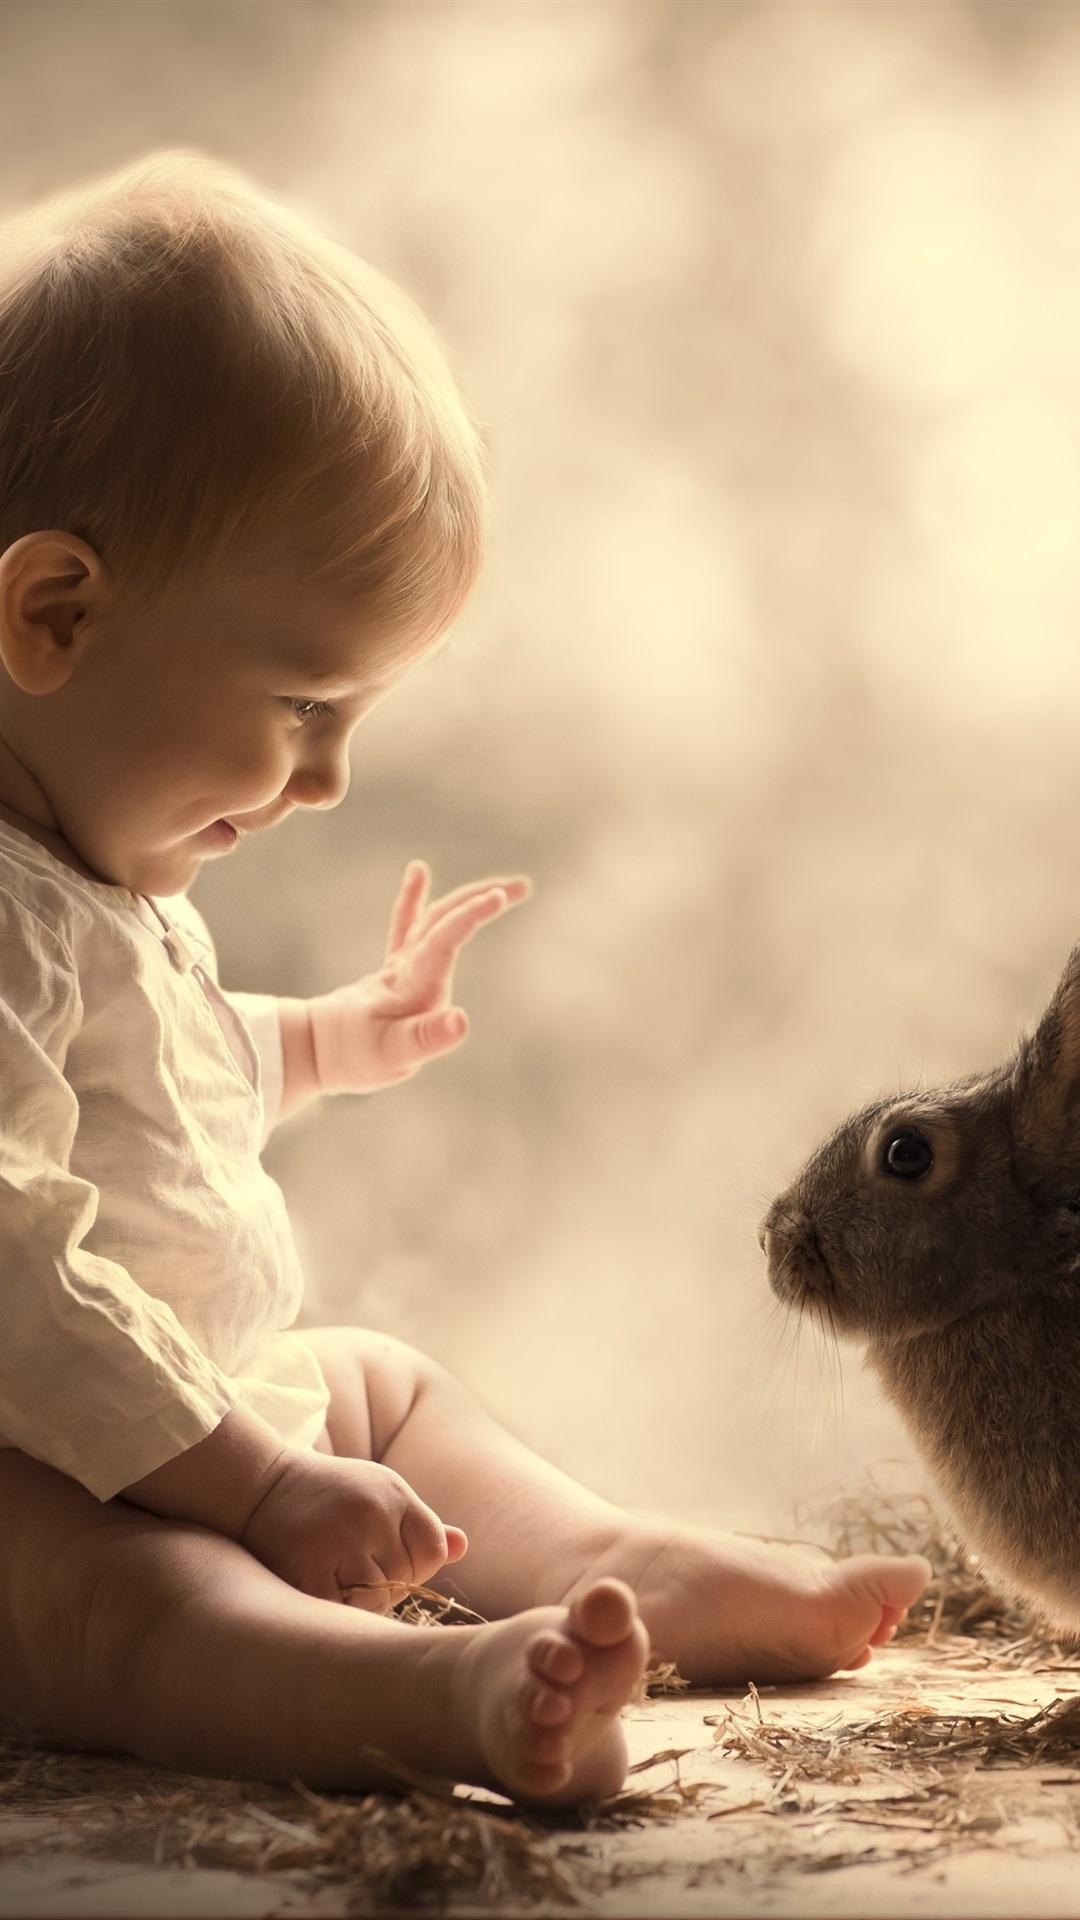 かわいい赤ちゃんとグレーウサギ 1080x1920 Iphone 8 7 6 6s Plus 壁紙